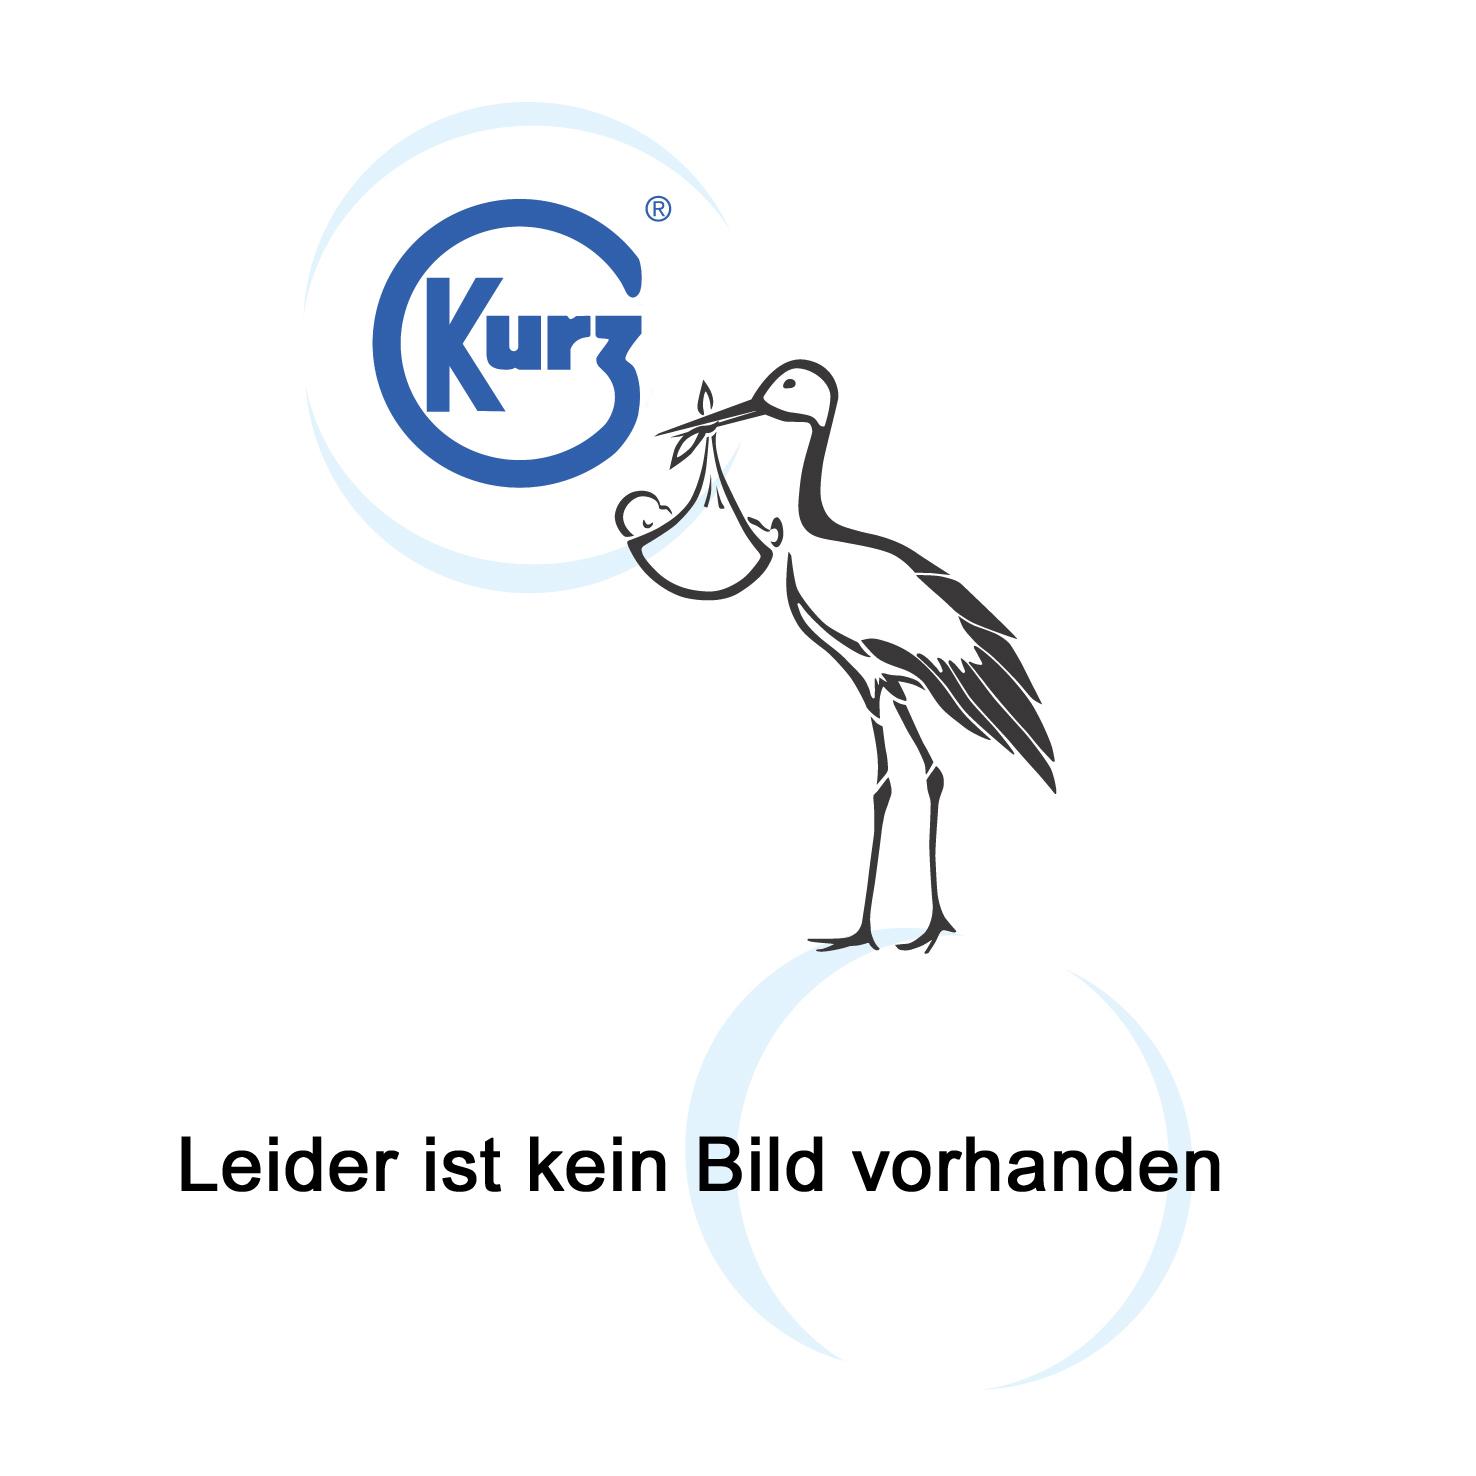 Kornzange nach Maier, arrretierbar, 22 cm von HEBU